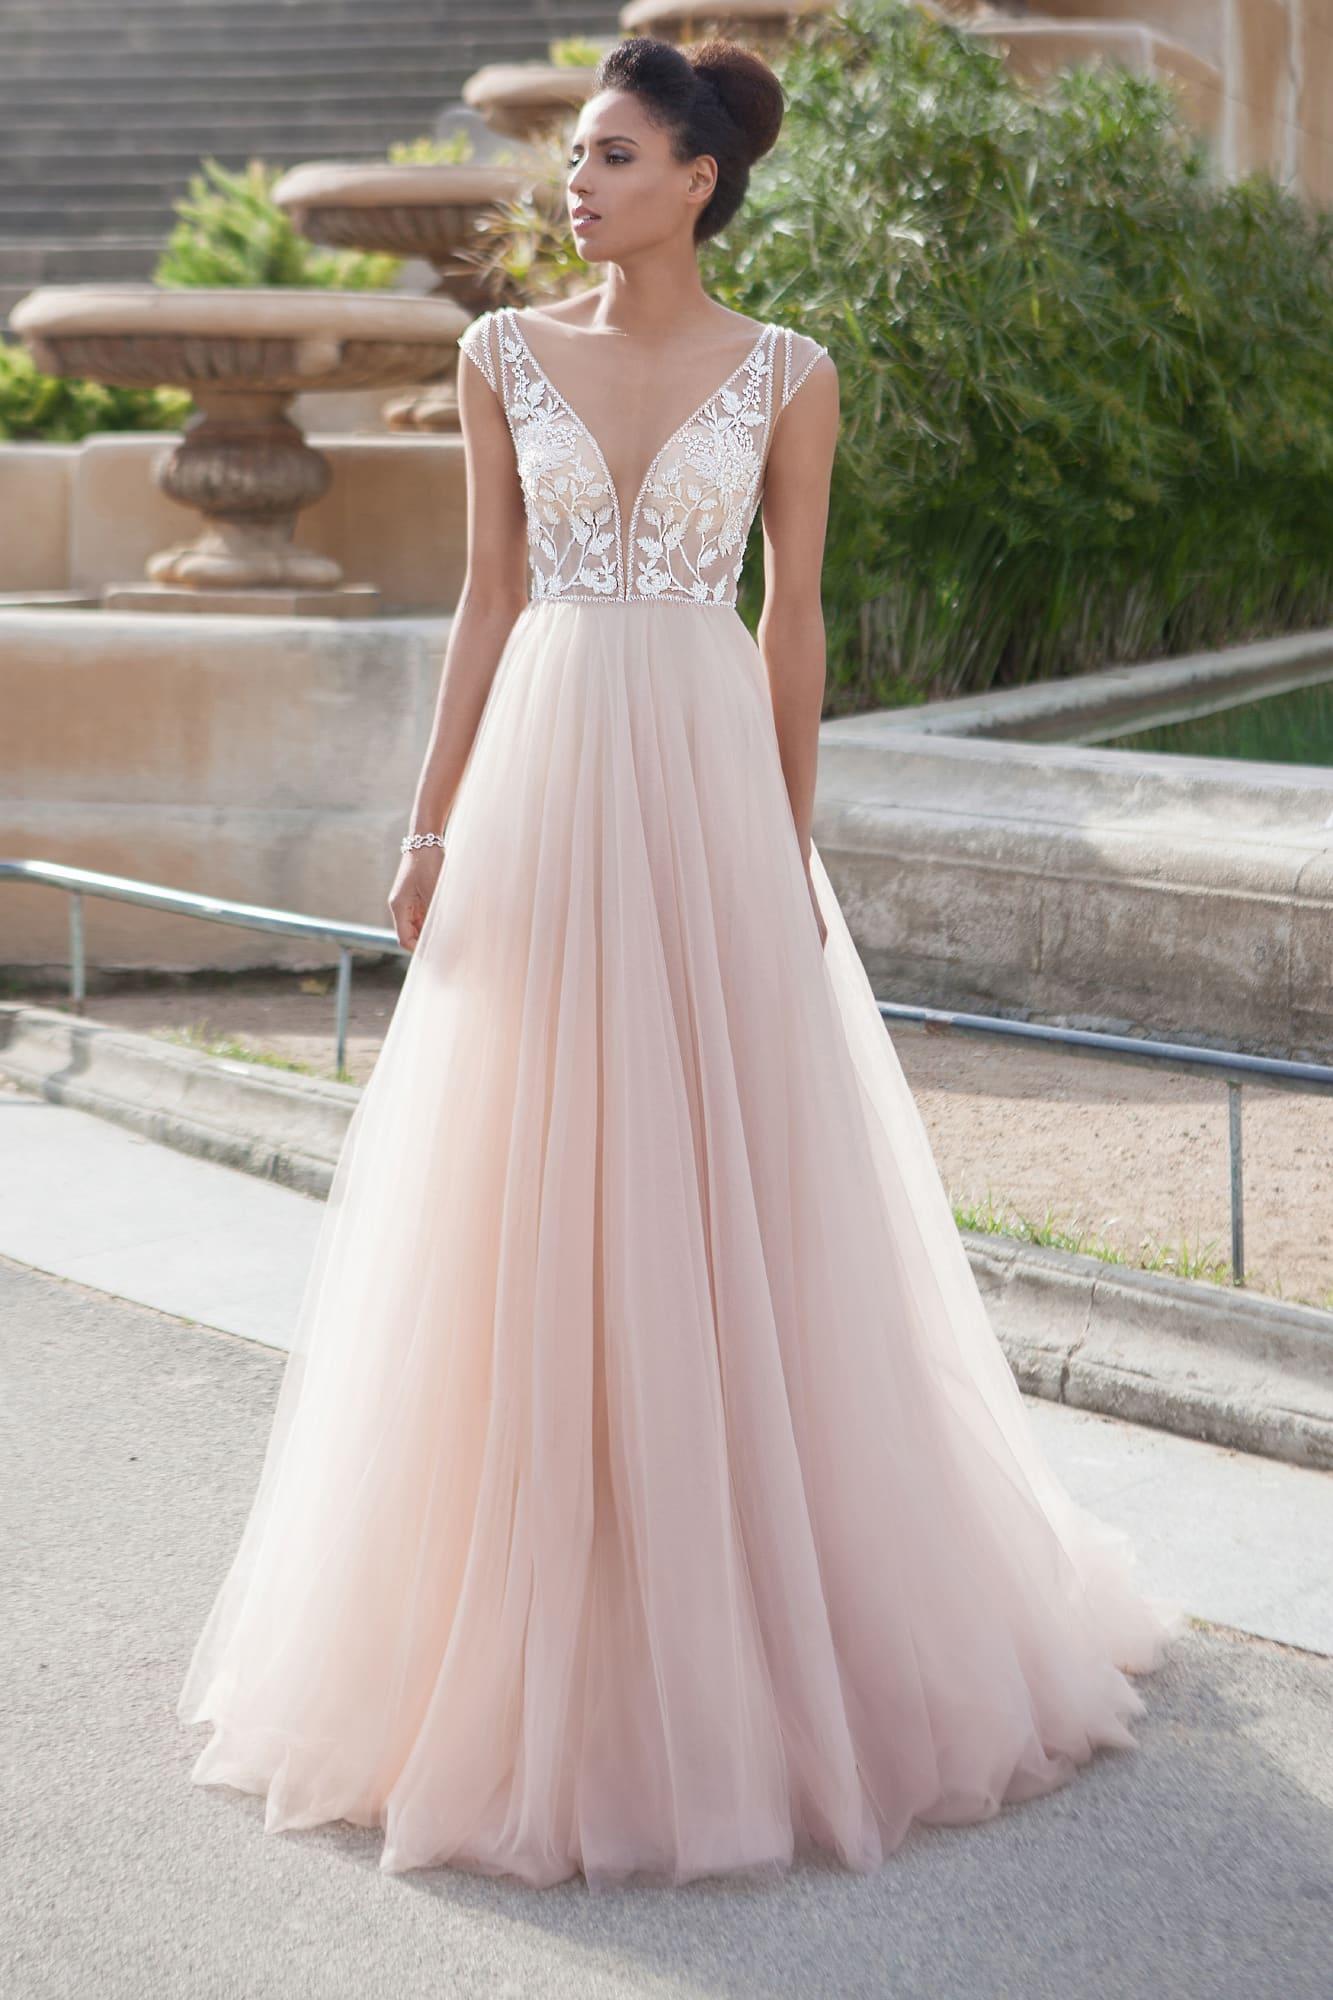 Свадебное платье прямого кроя с нежным полупрозрачным лифом